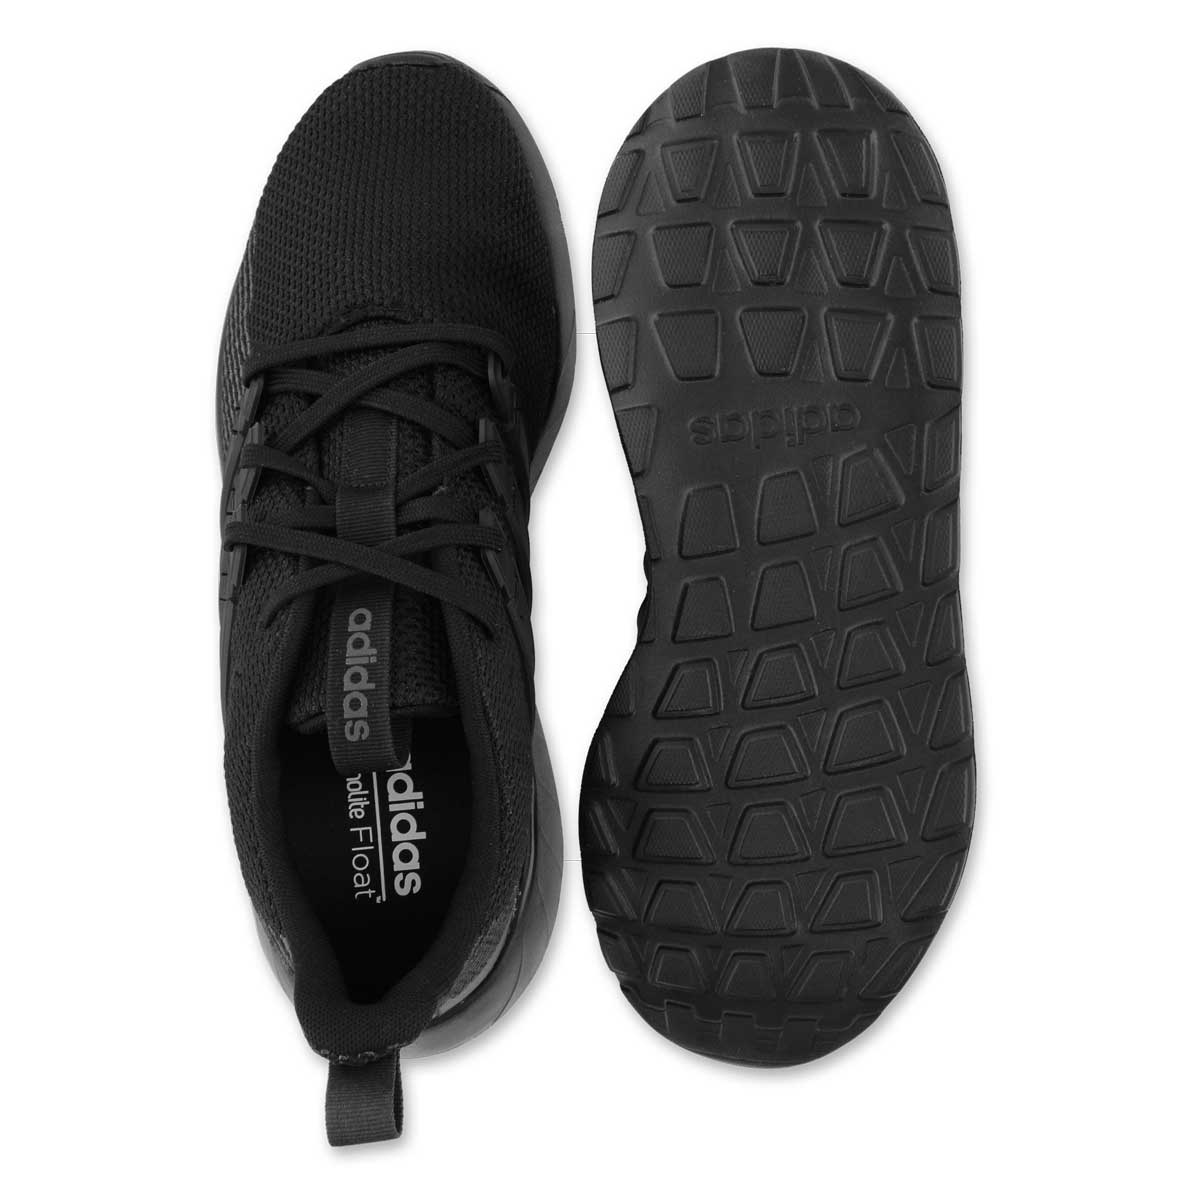 Mns Questar Flow blk/blk running shoe